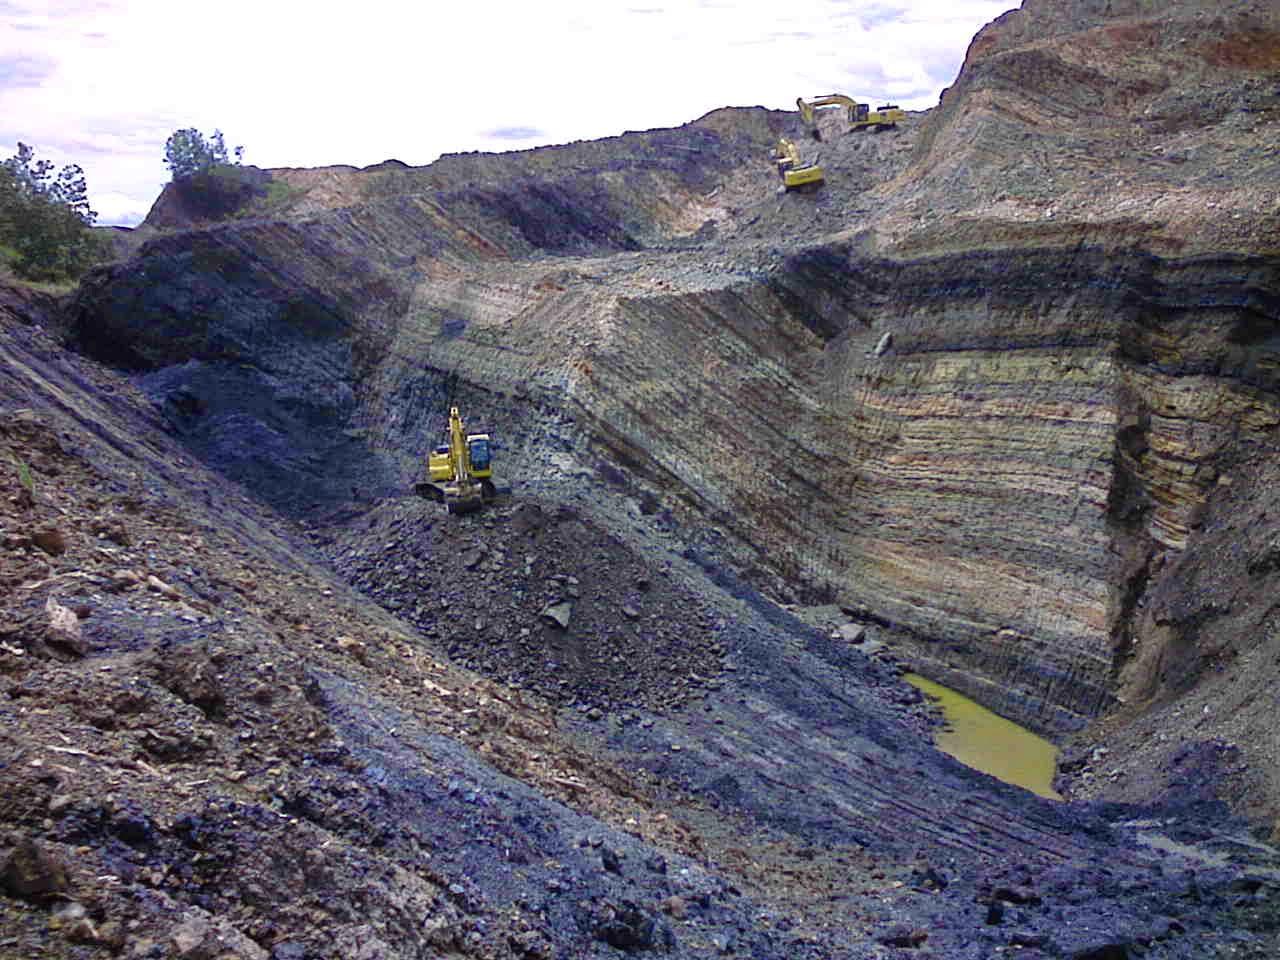 Penjualan Batu Bara Barito Utara Hingga Juni 2014 Capai 2,84 Juta Ton